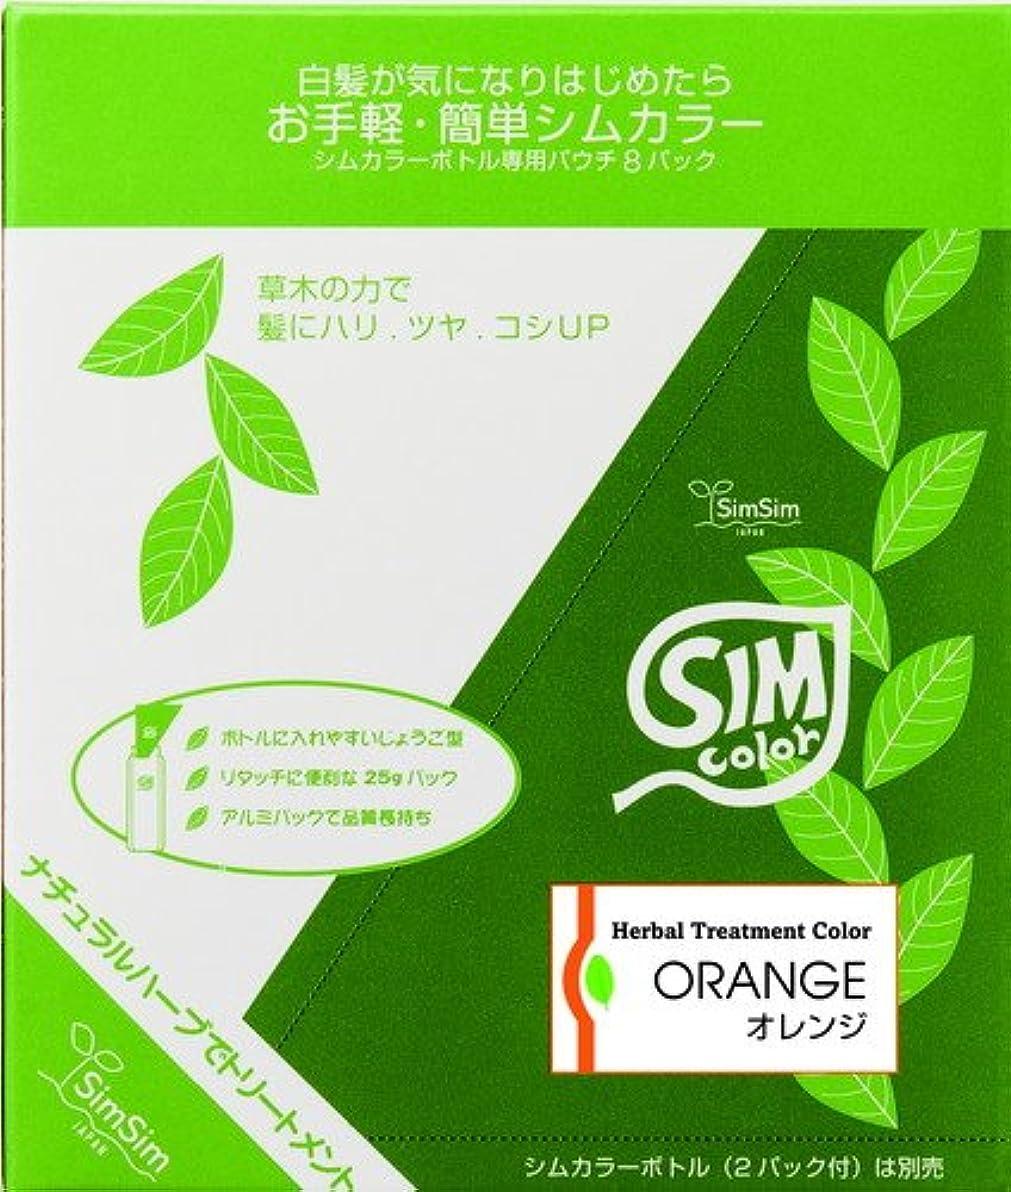 溶接シーフード預言者SimSim(シムシム)お手軽簡単シムカラーエクストラ(EX)25g 8袋 オレンジ